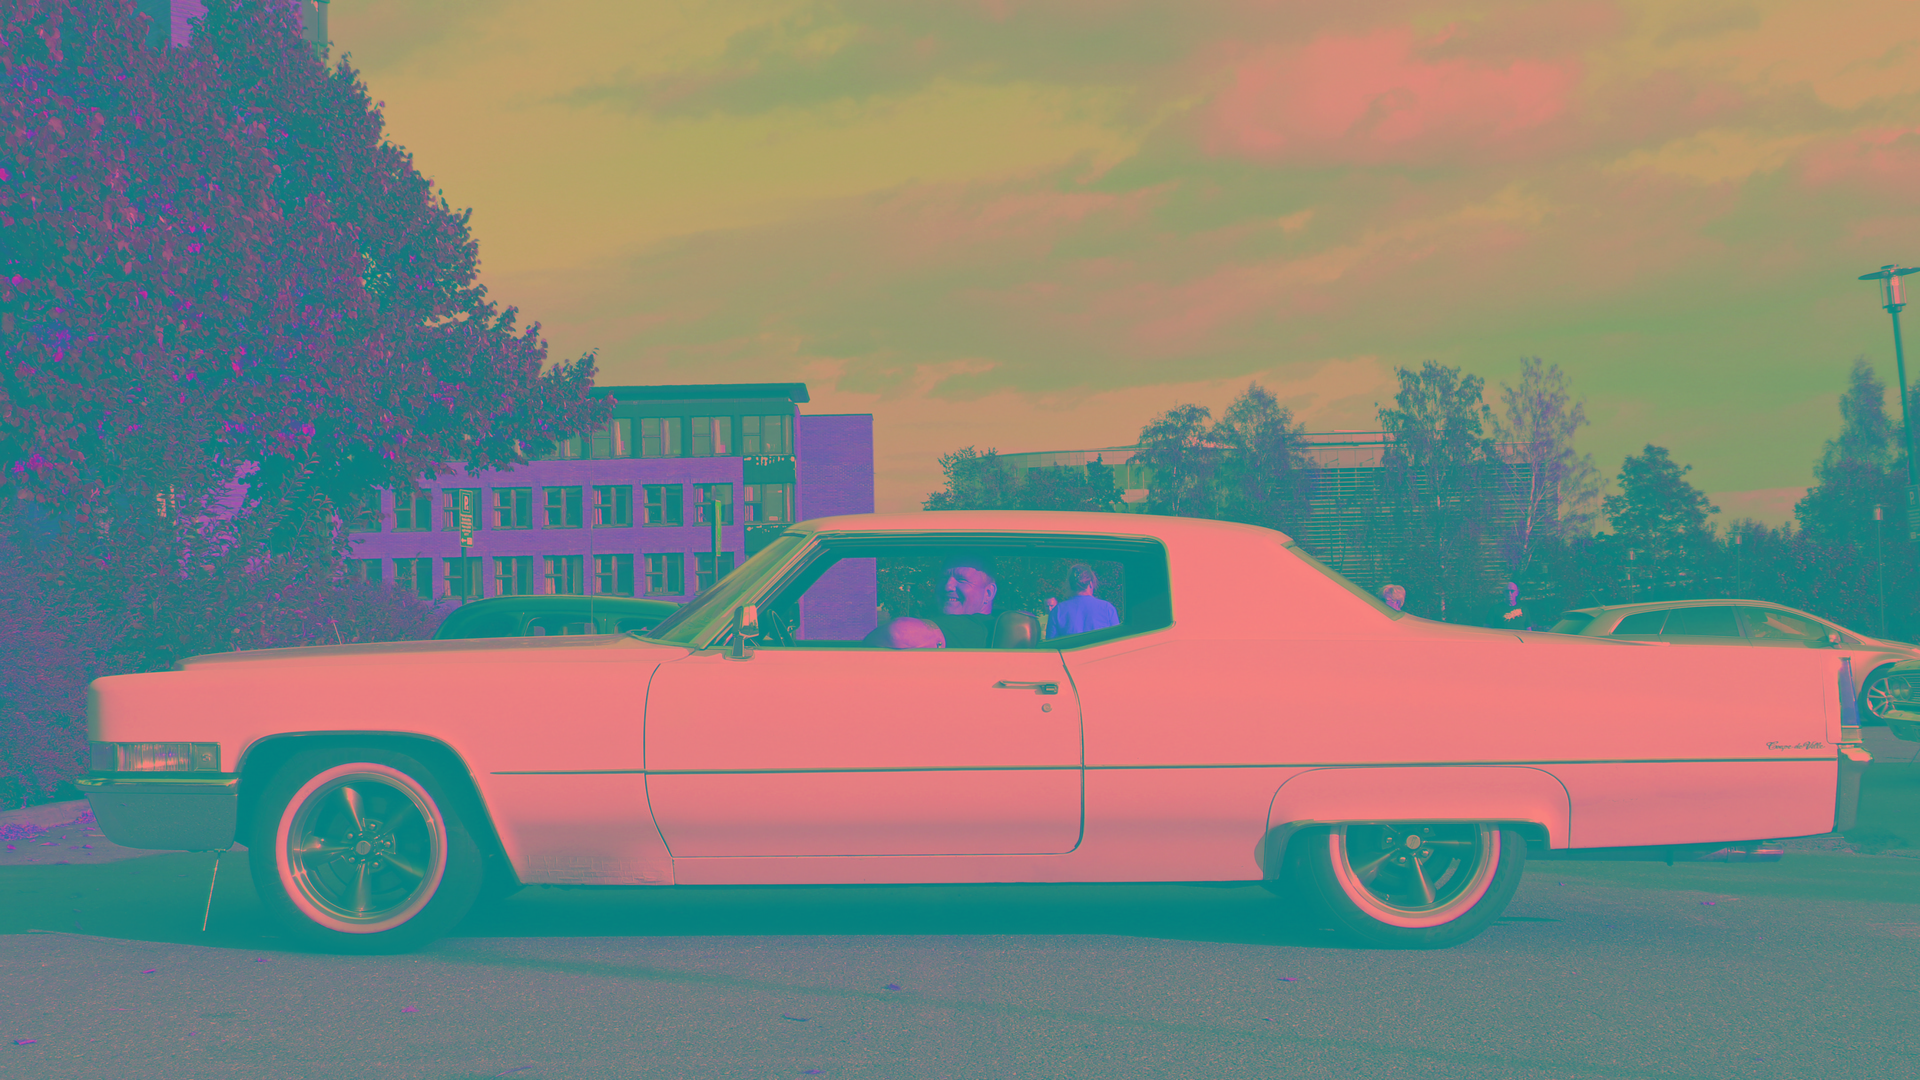 307-1969 Cadillac Coupe deVille 04. Eiere- medlem